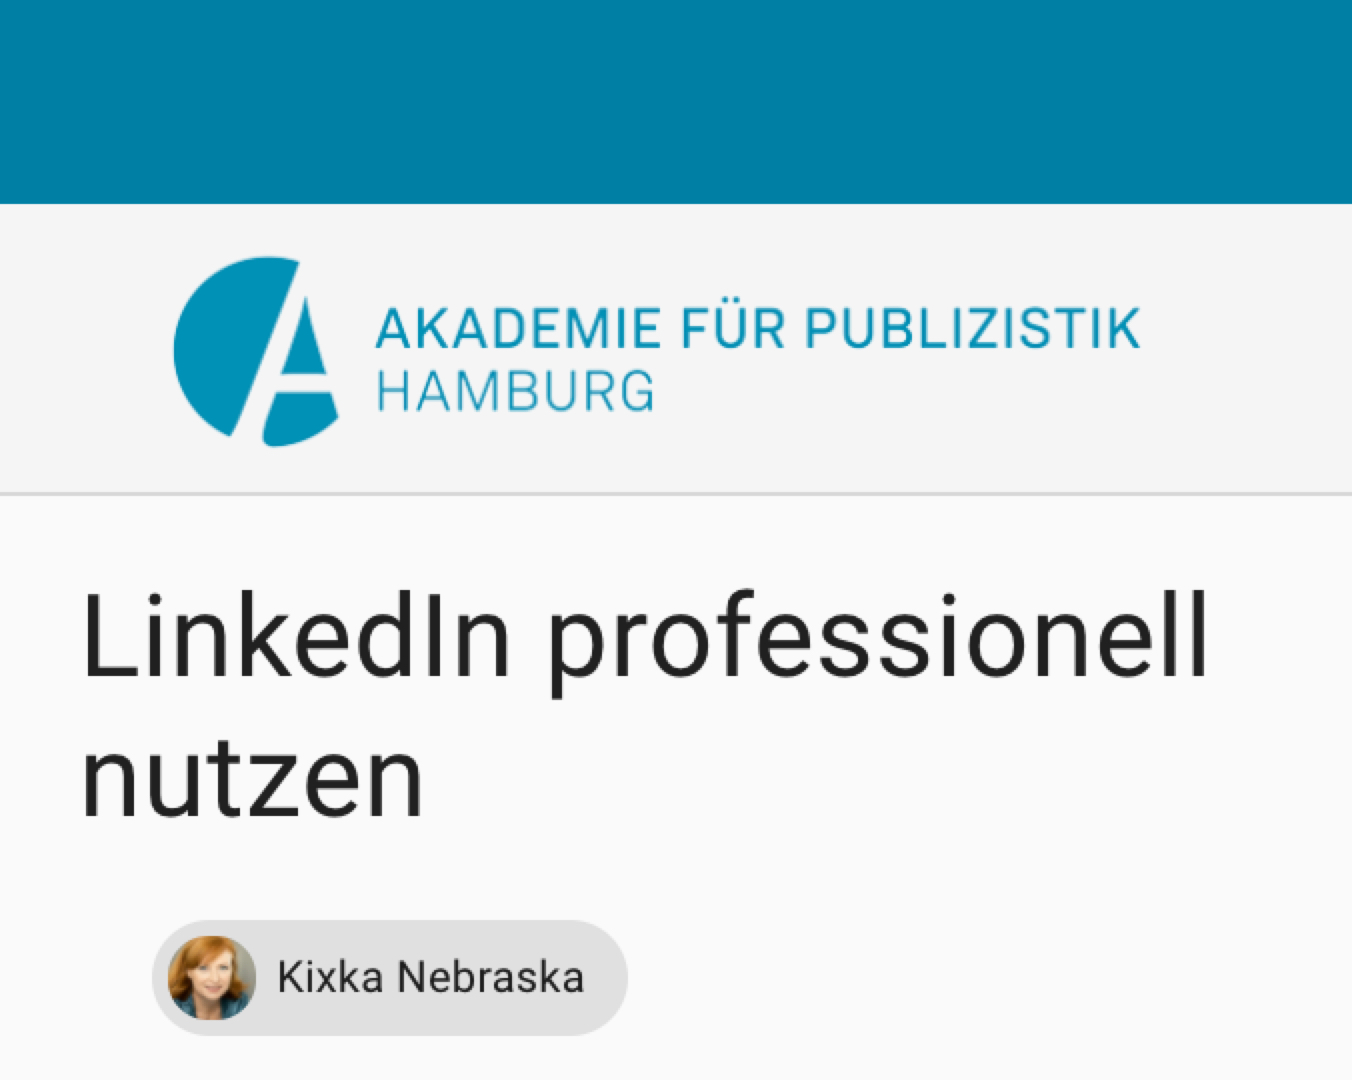 Wer einen umfassenden Überblick gewinnen möchte, um Linkedin professionell nutzen zu können, ist in diesem Ganztags-Seminar am 30.9.21 genau richtig!